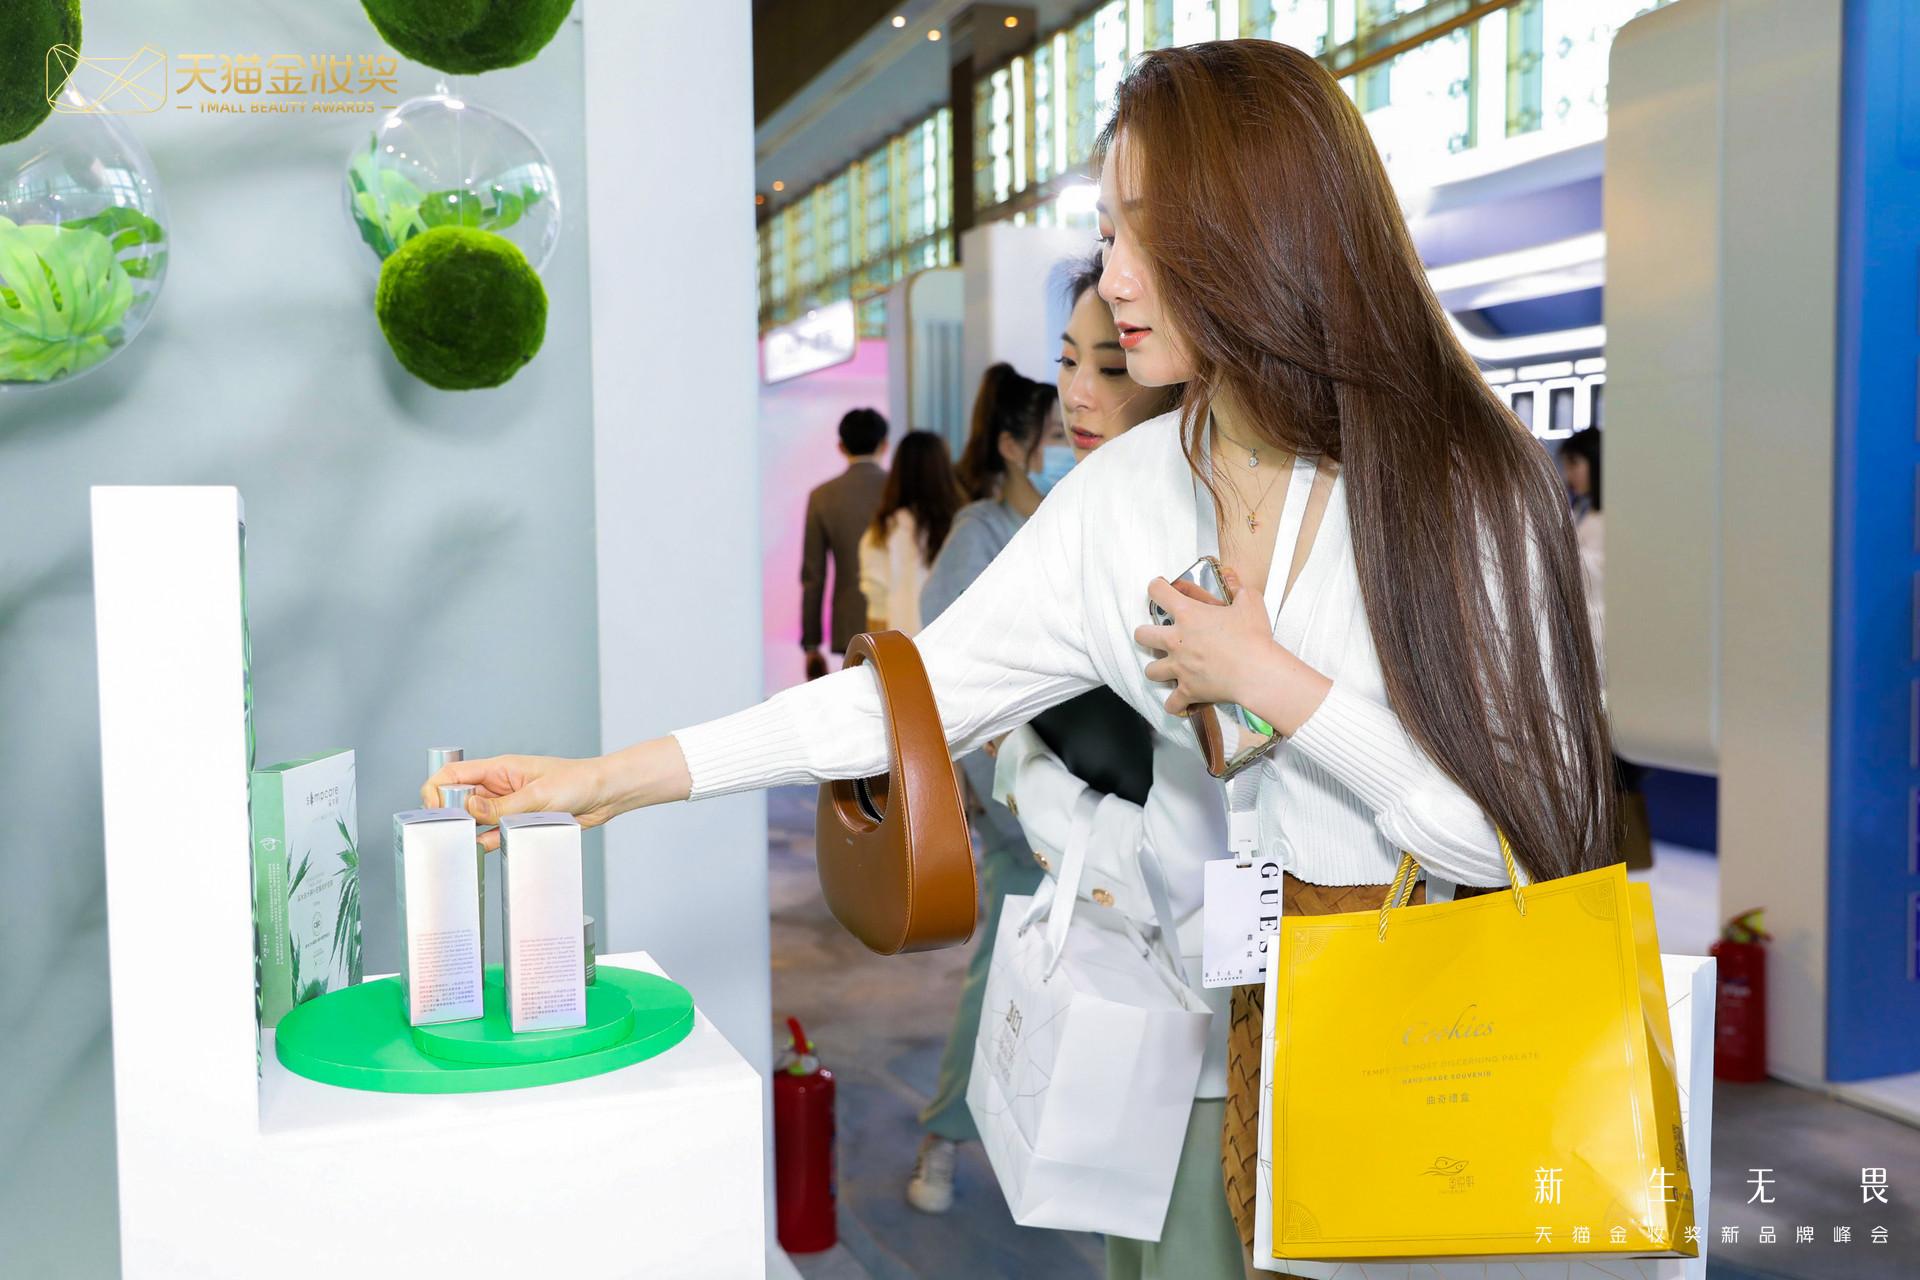 天猫金妆奖:64个快消新品牌年销售超过1亿元